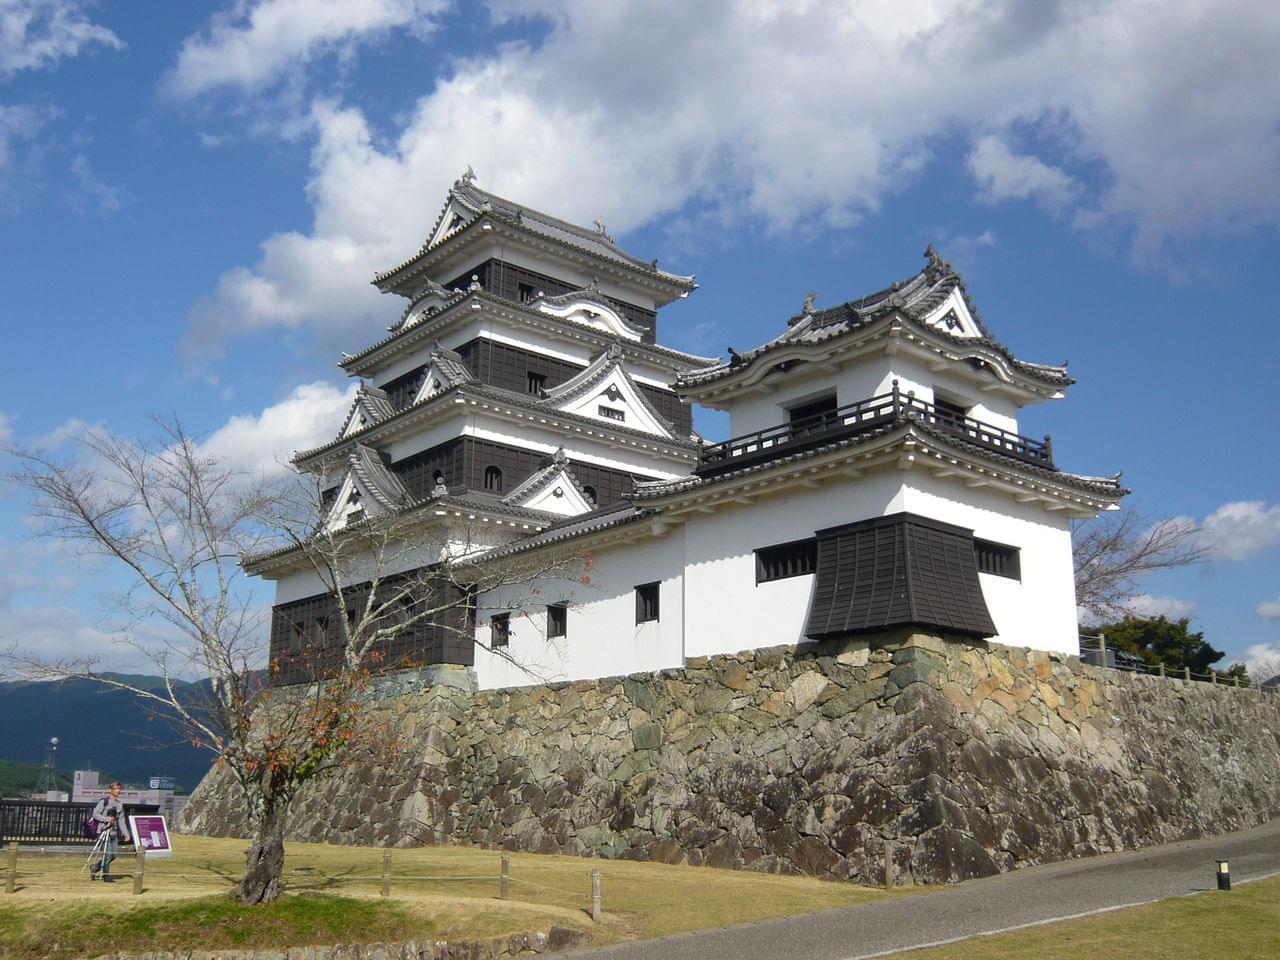 【愛媛】大洲・伊予の小京都を巡る旅おすすめモデルコース